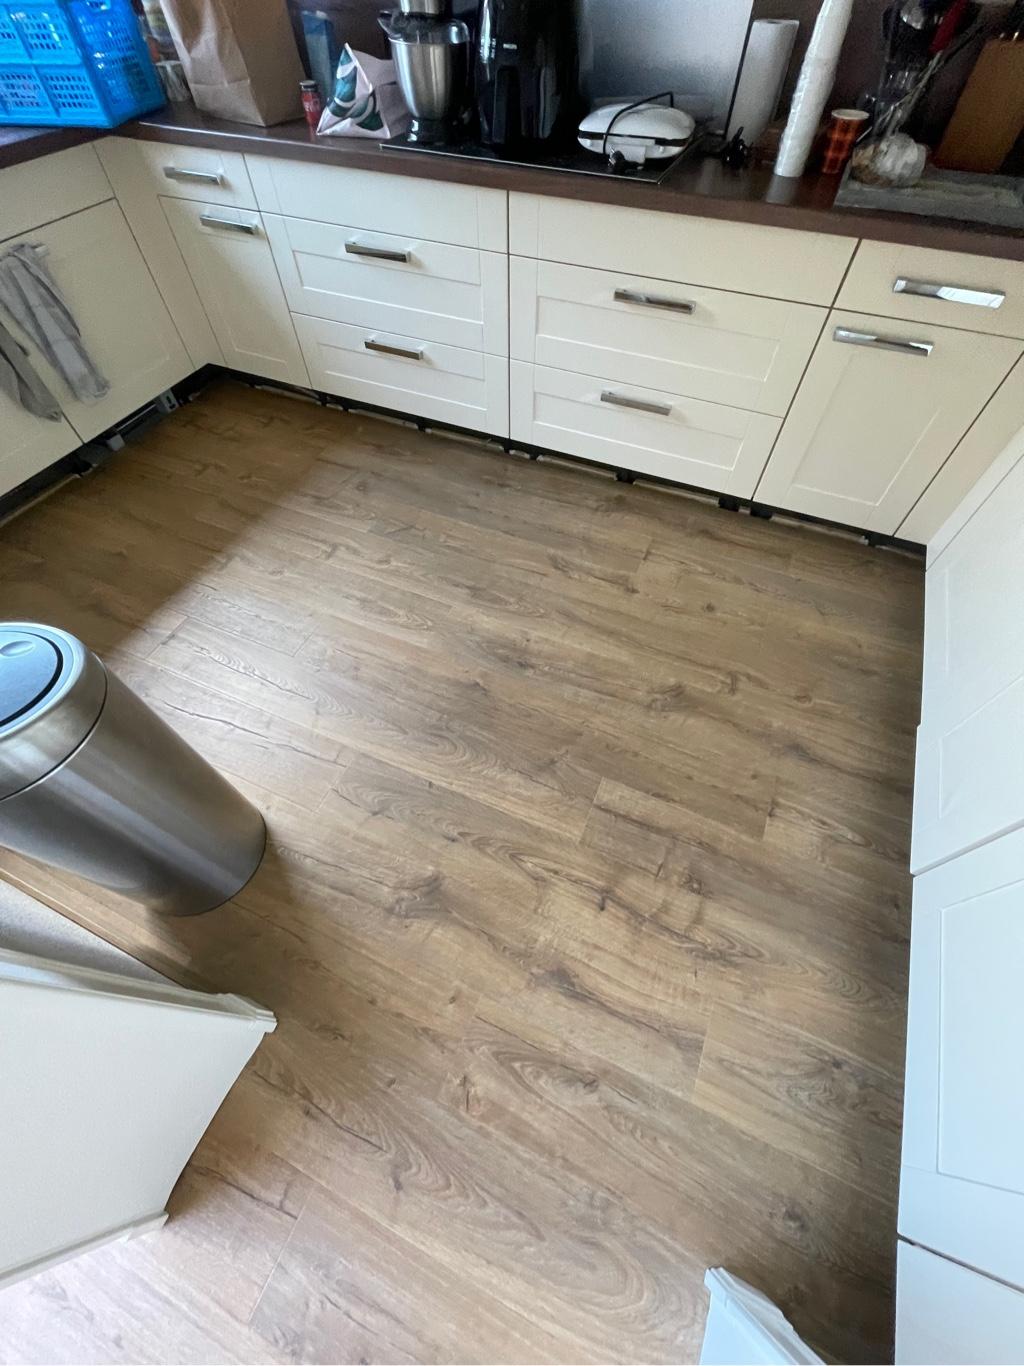 50 m² Quick-Step Klassieke Eik Natuur te Oud-Beijerland